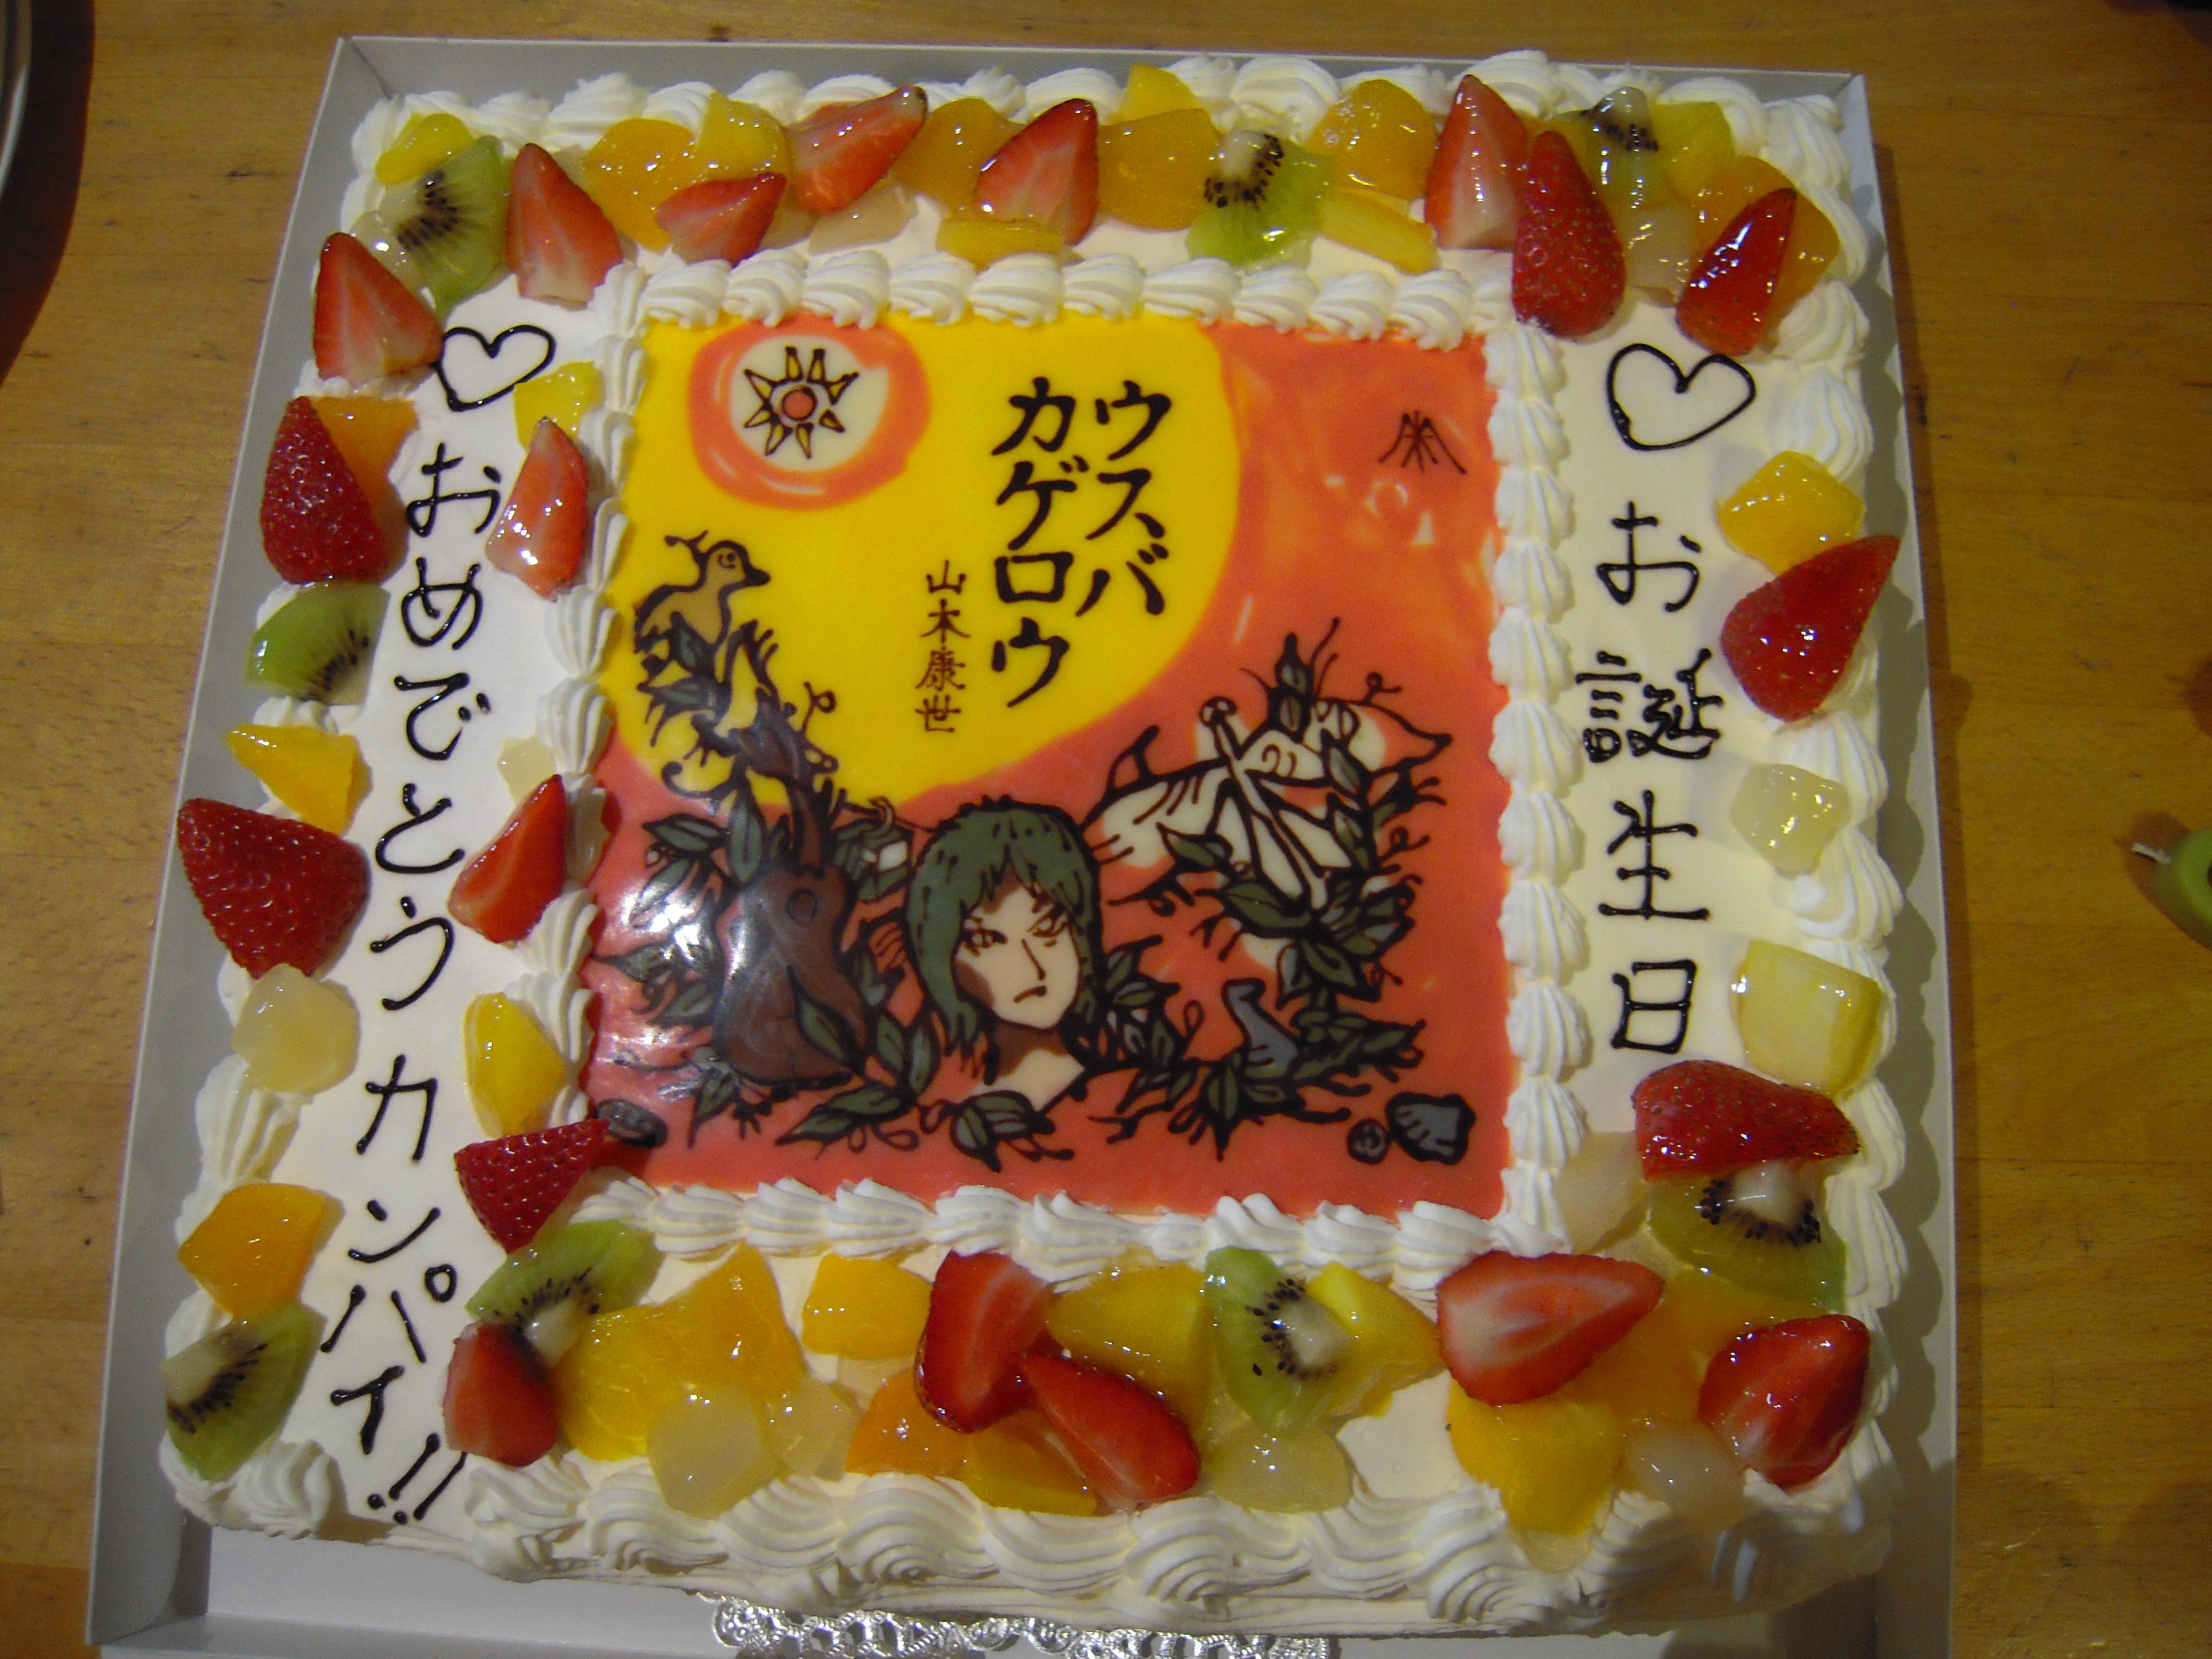 皆様からこんな素敵なケーキをいただきました